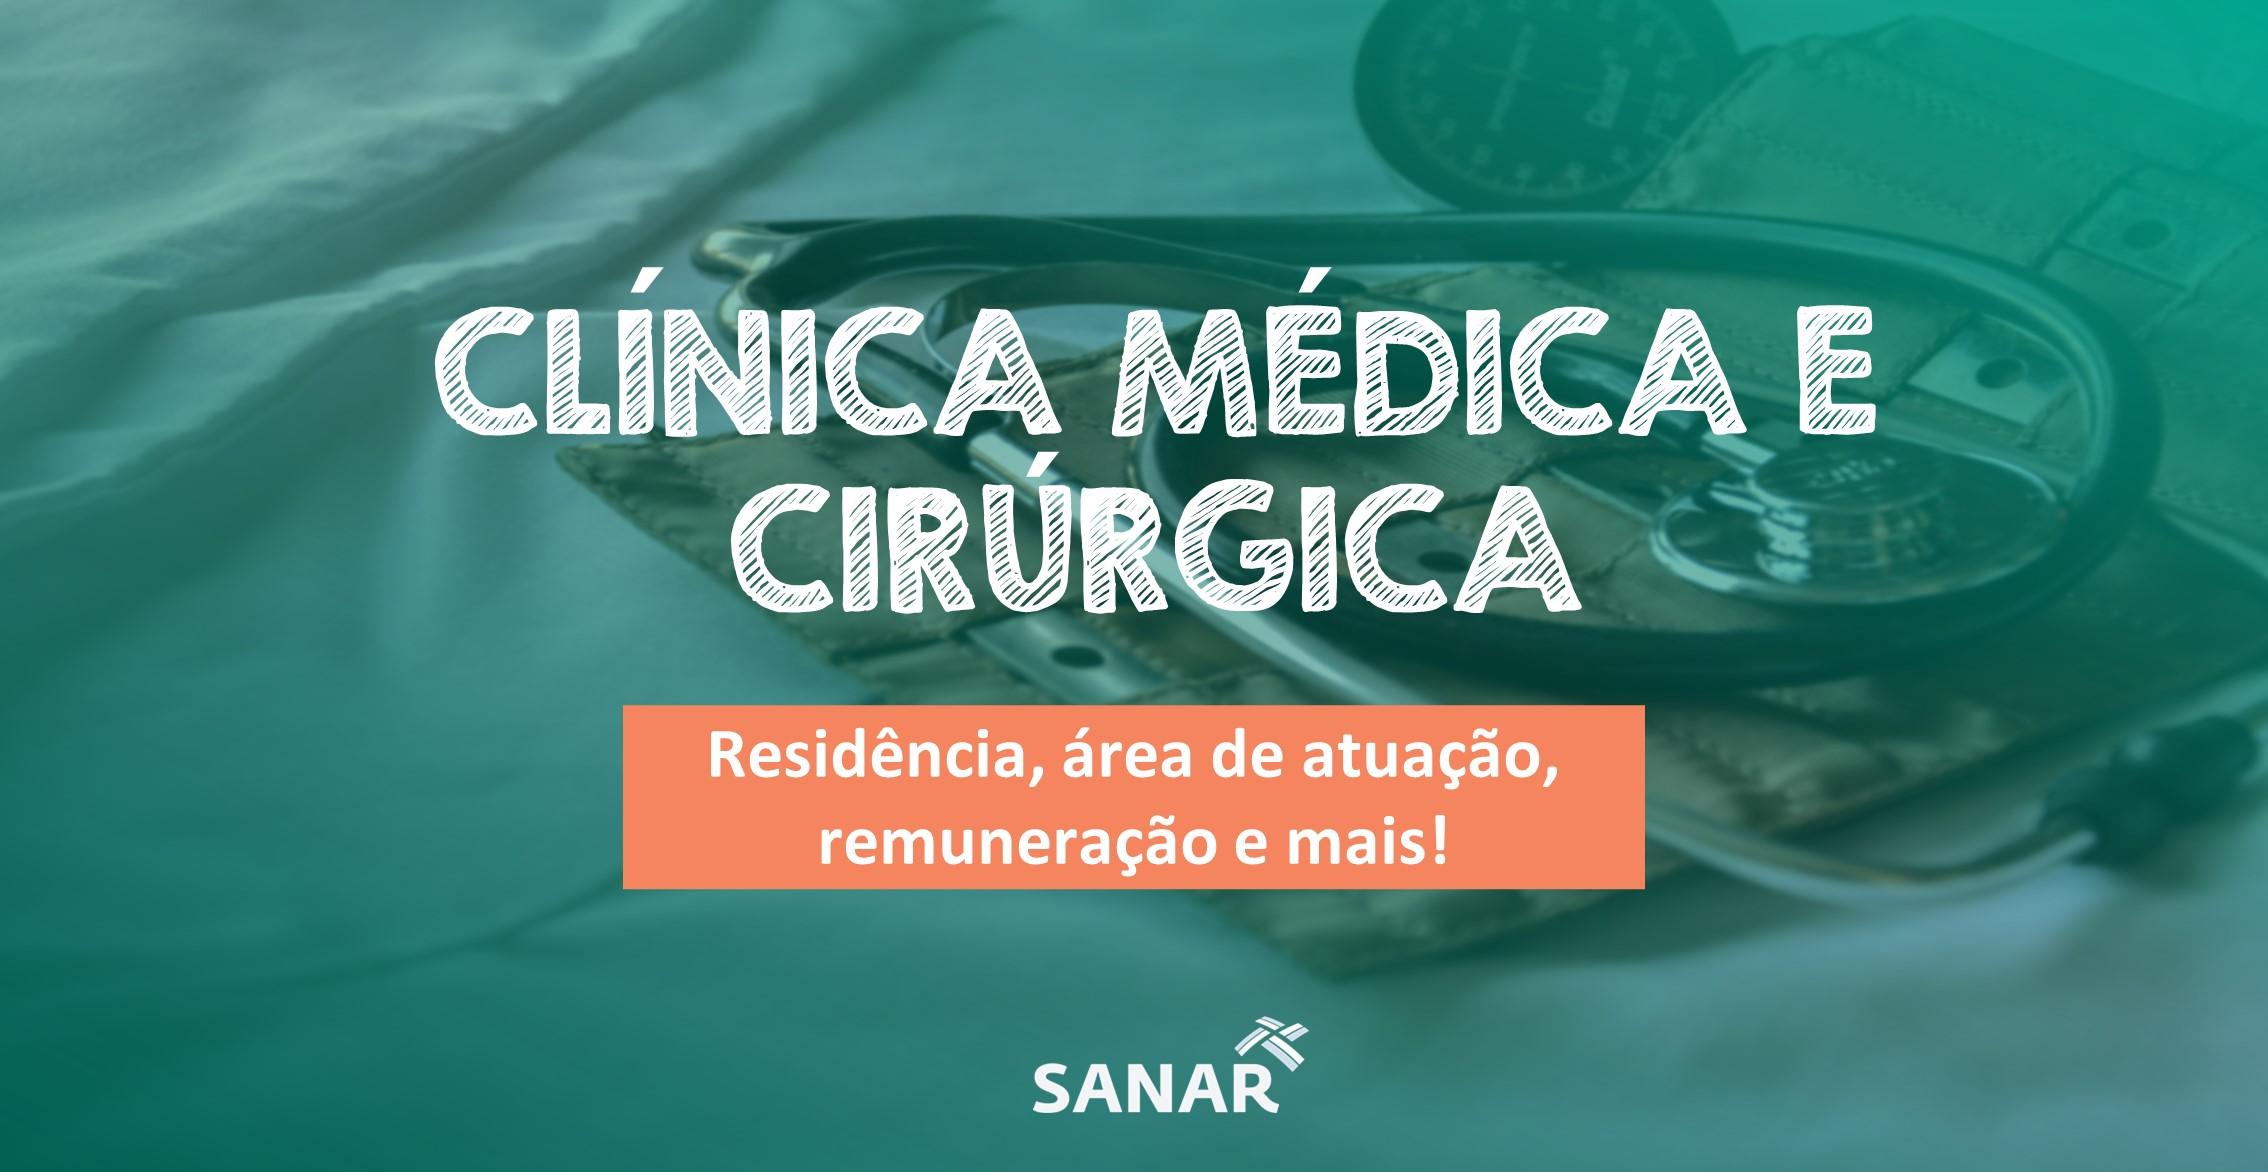 Clínica Médica e Cirúrgica